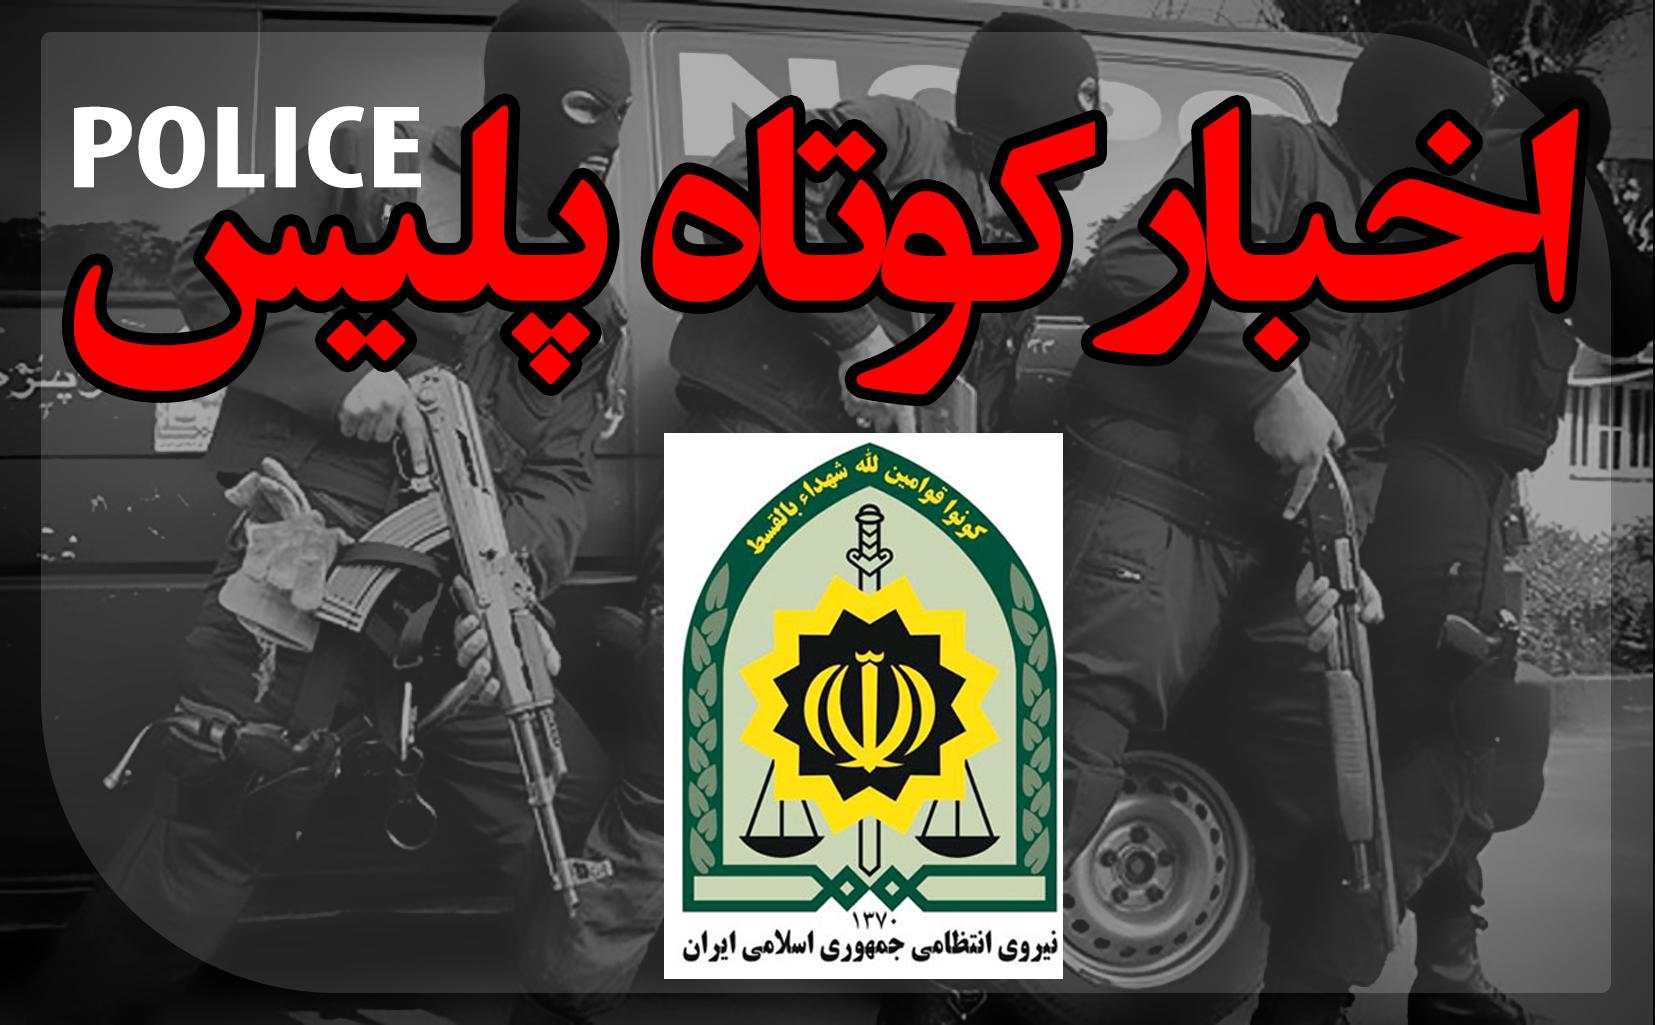 توقف محموله میلیاردی برنج قاچاق در گلوگاه شهید شرافت/ سارق احشام نایین دستگیرشد